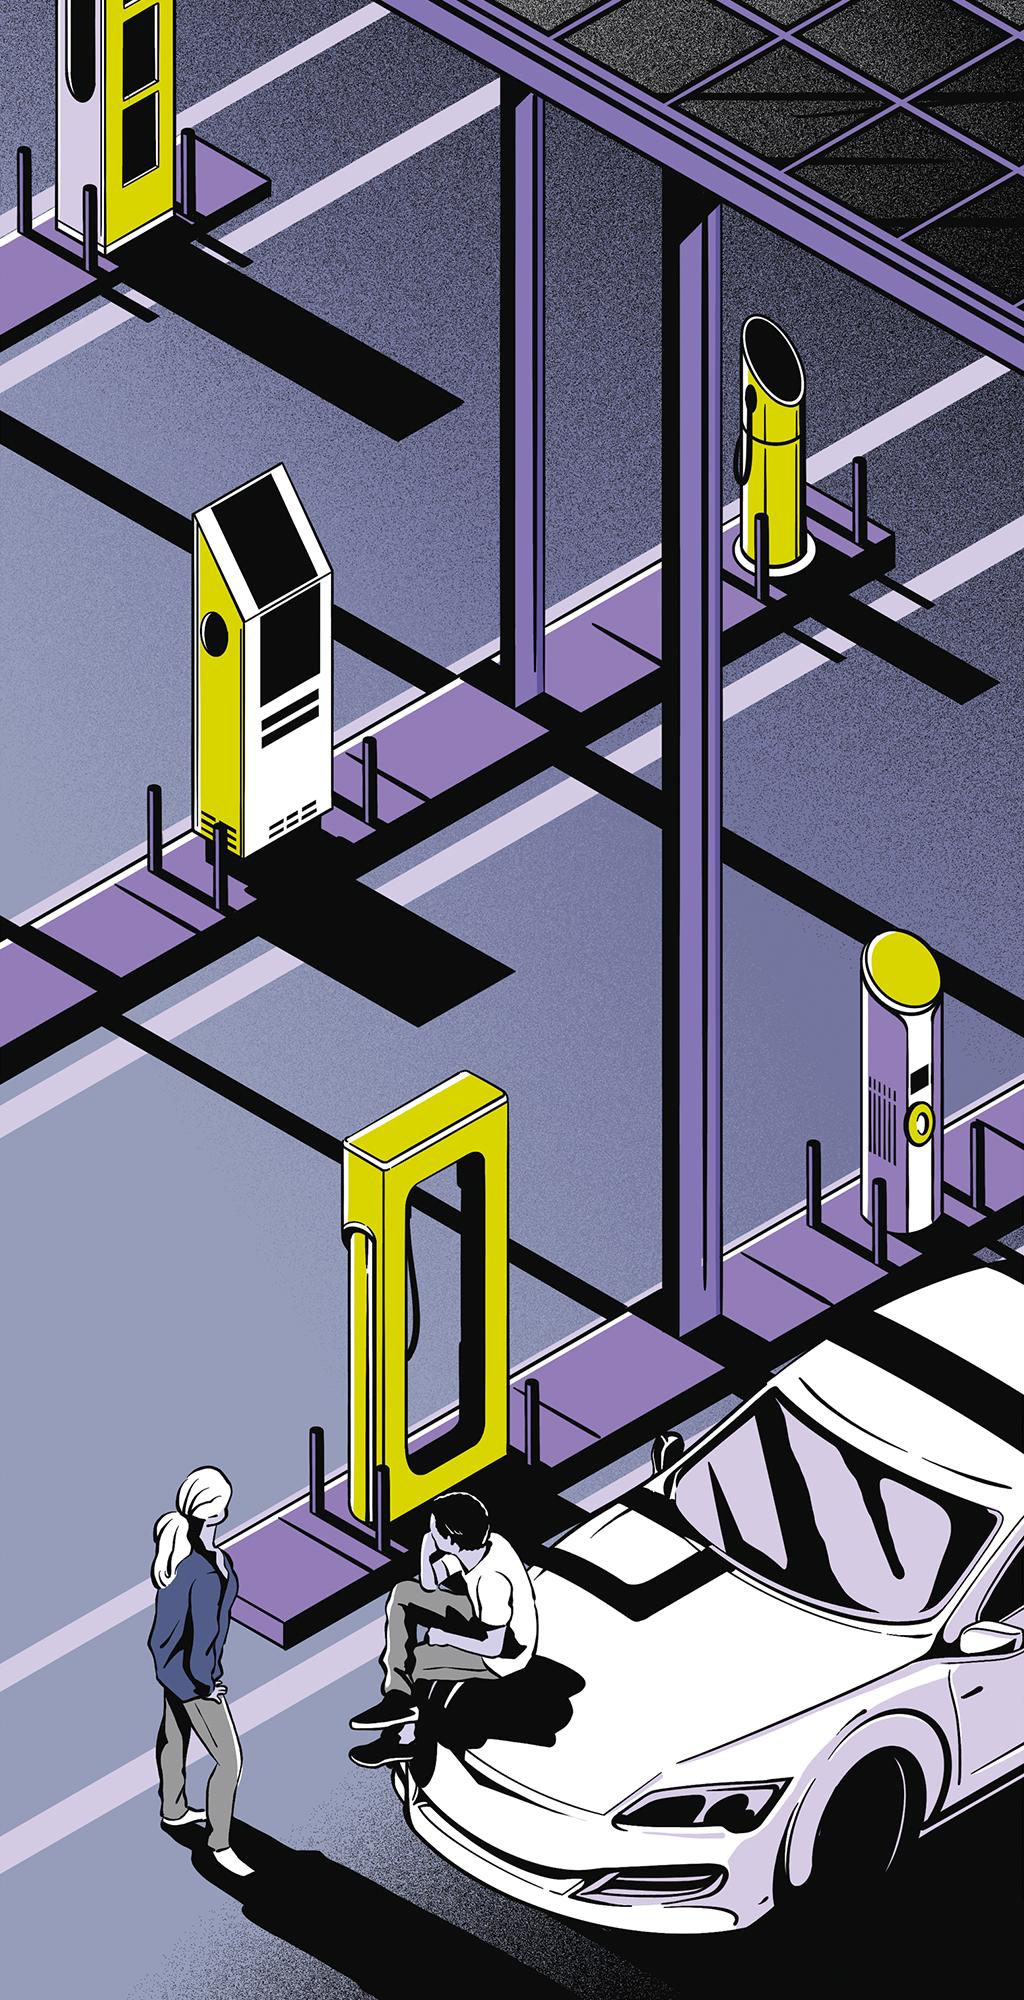 Os carros elétricos usam vários tipos de carregador. Isso dificulta a construção dos postos de recarga – e atrapalha a vida de quem tem carro elétrico.